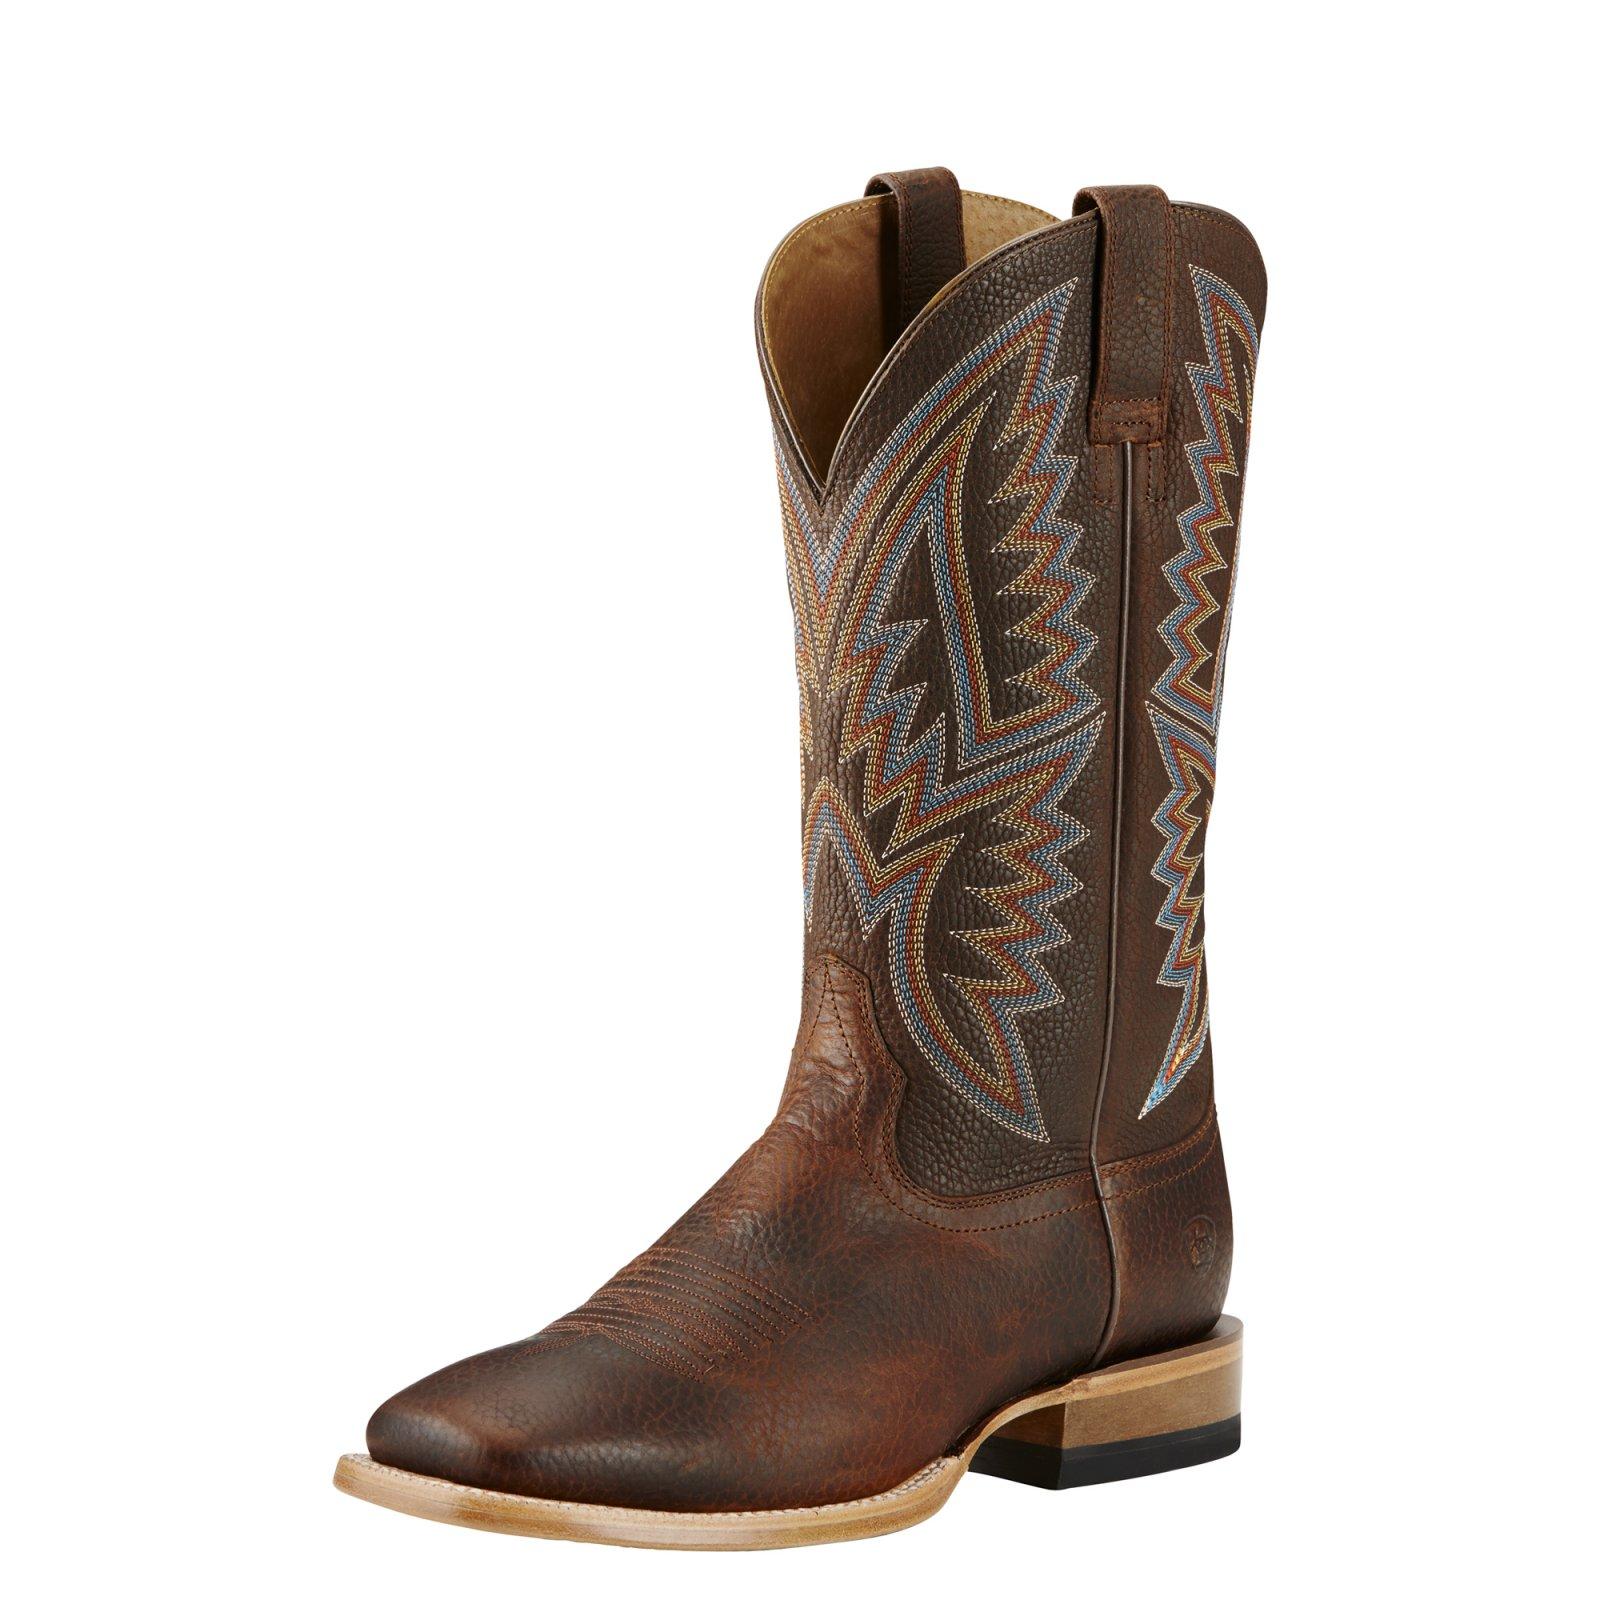 Men's Hesston Boot from Ariat